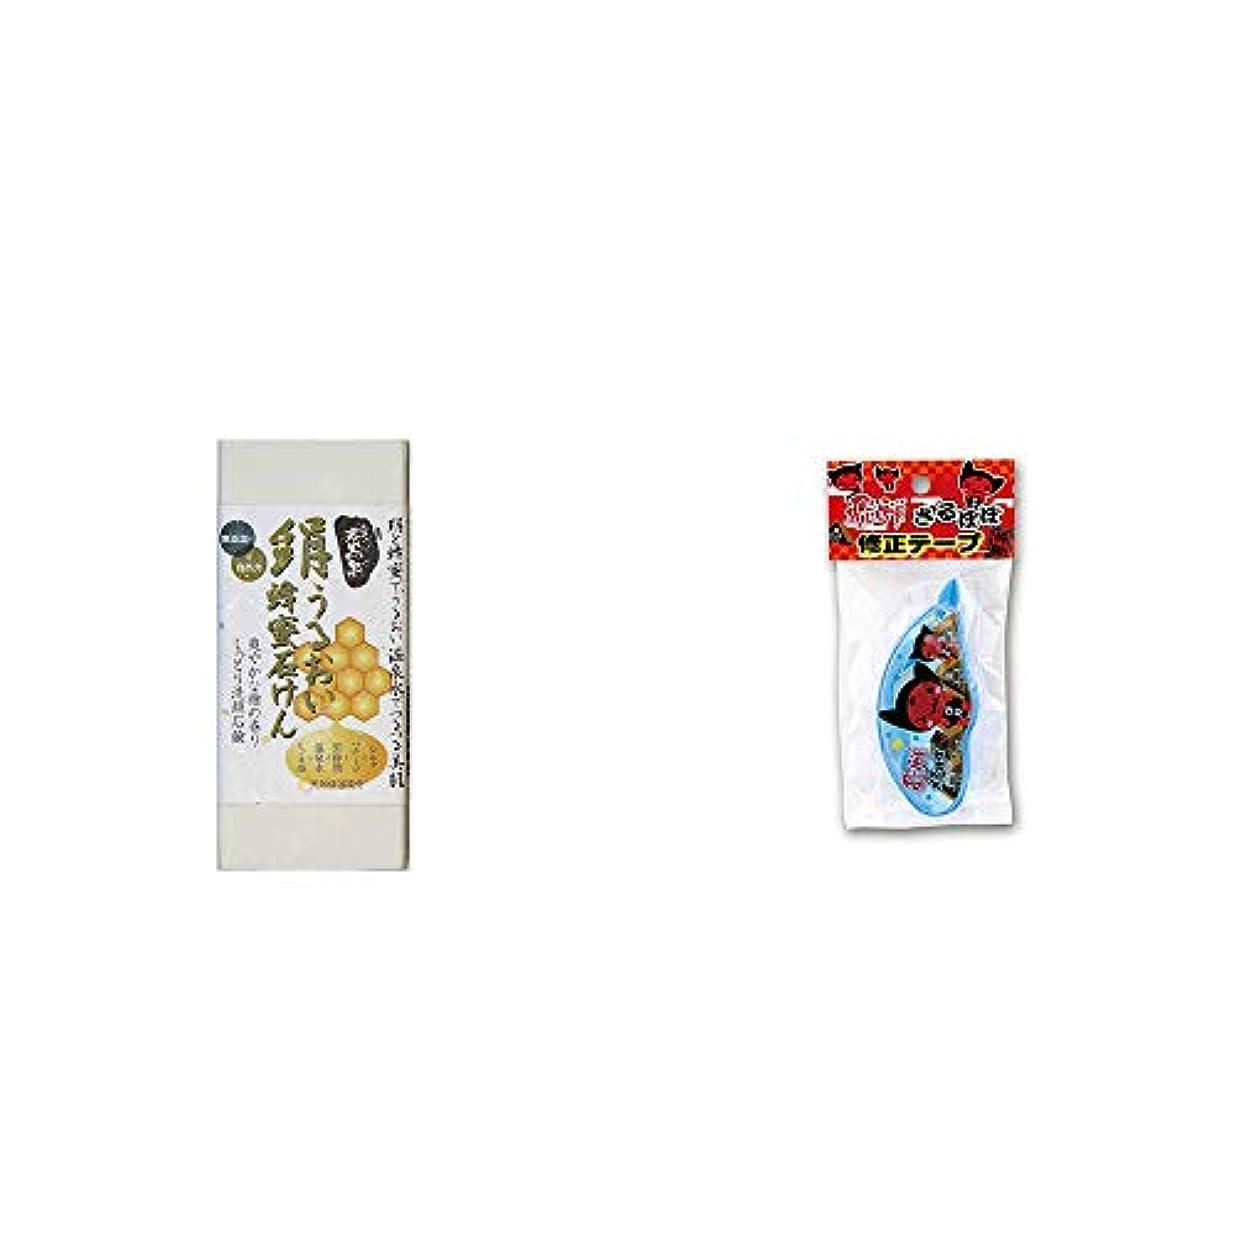 苦行チャンバーインフレーション[2点セット] ひのき炭黒泉 絹うるおい蜂蜜石けん(75g×2)?さるぼぼ 修正テープ【ピンク】